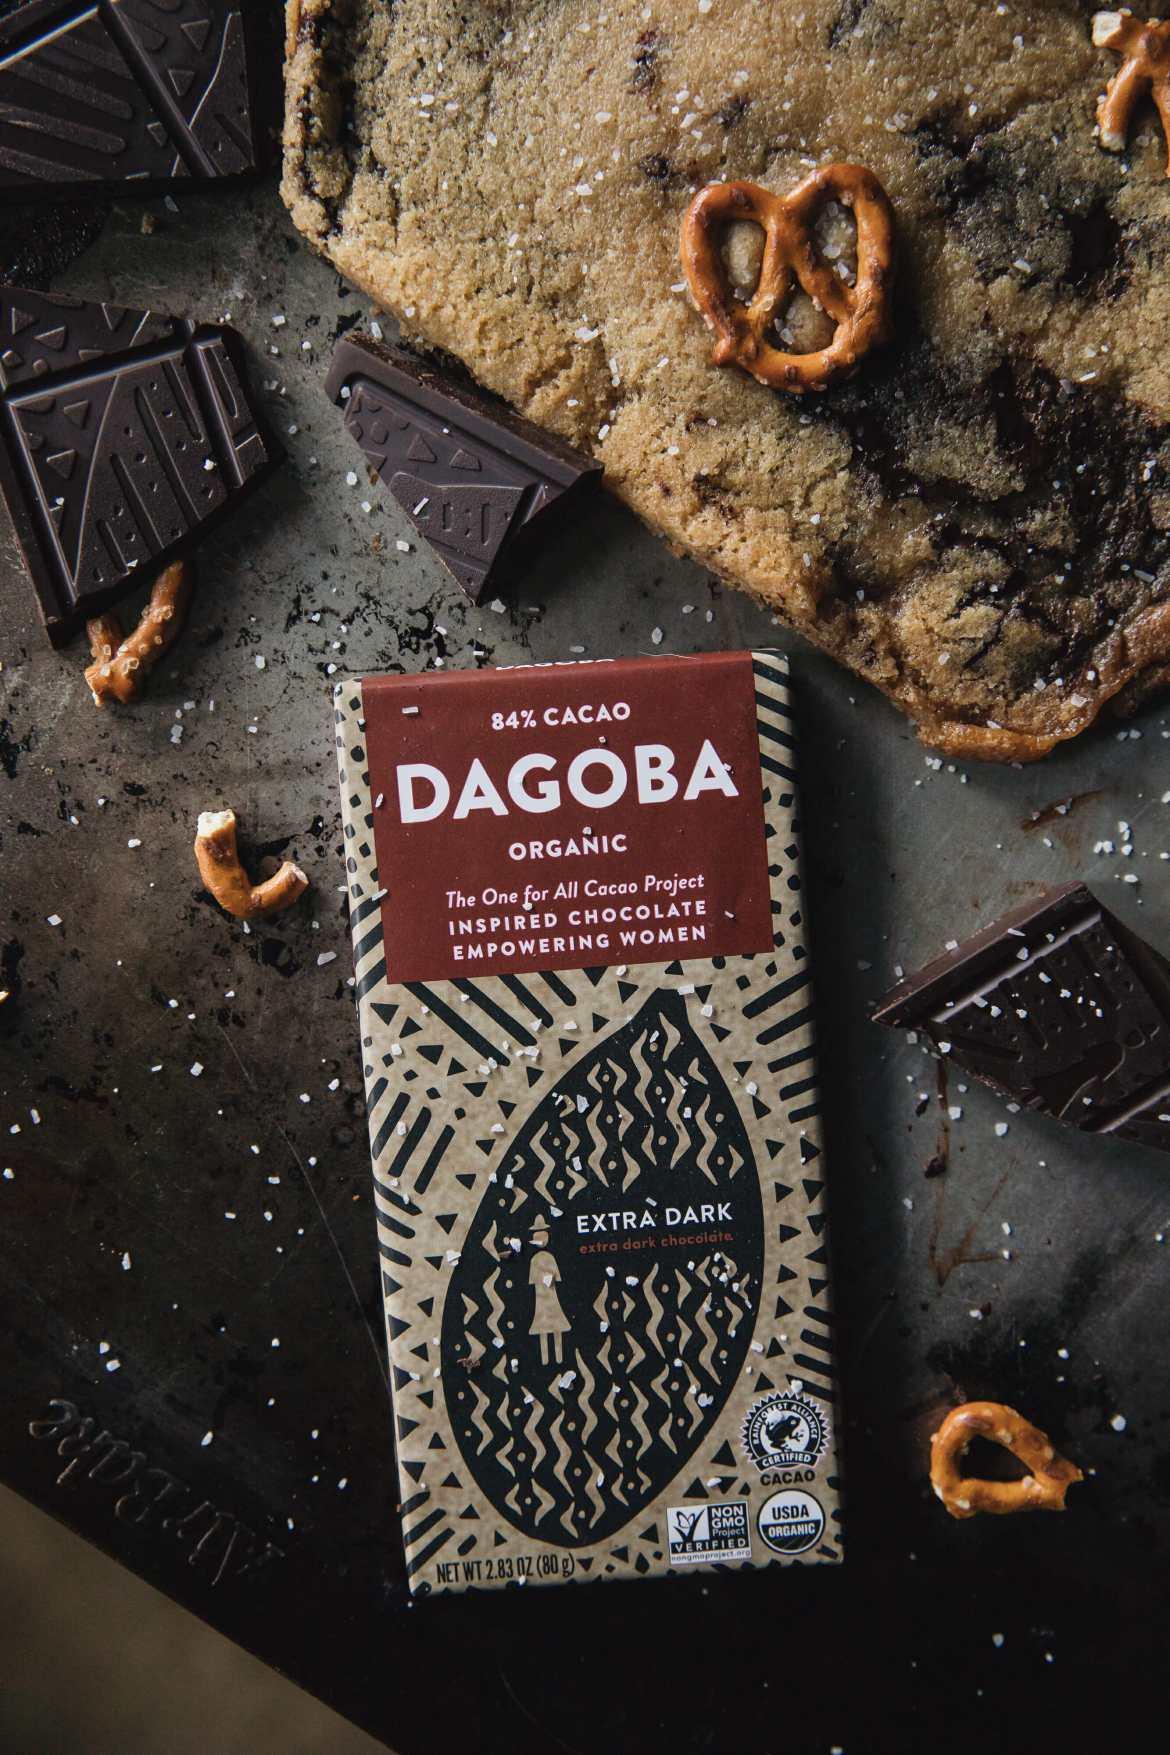 dagoba dark chocolate bar